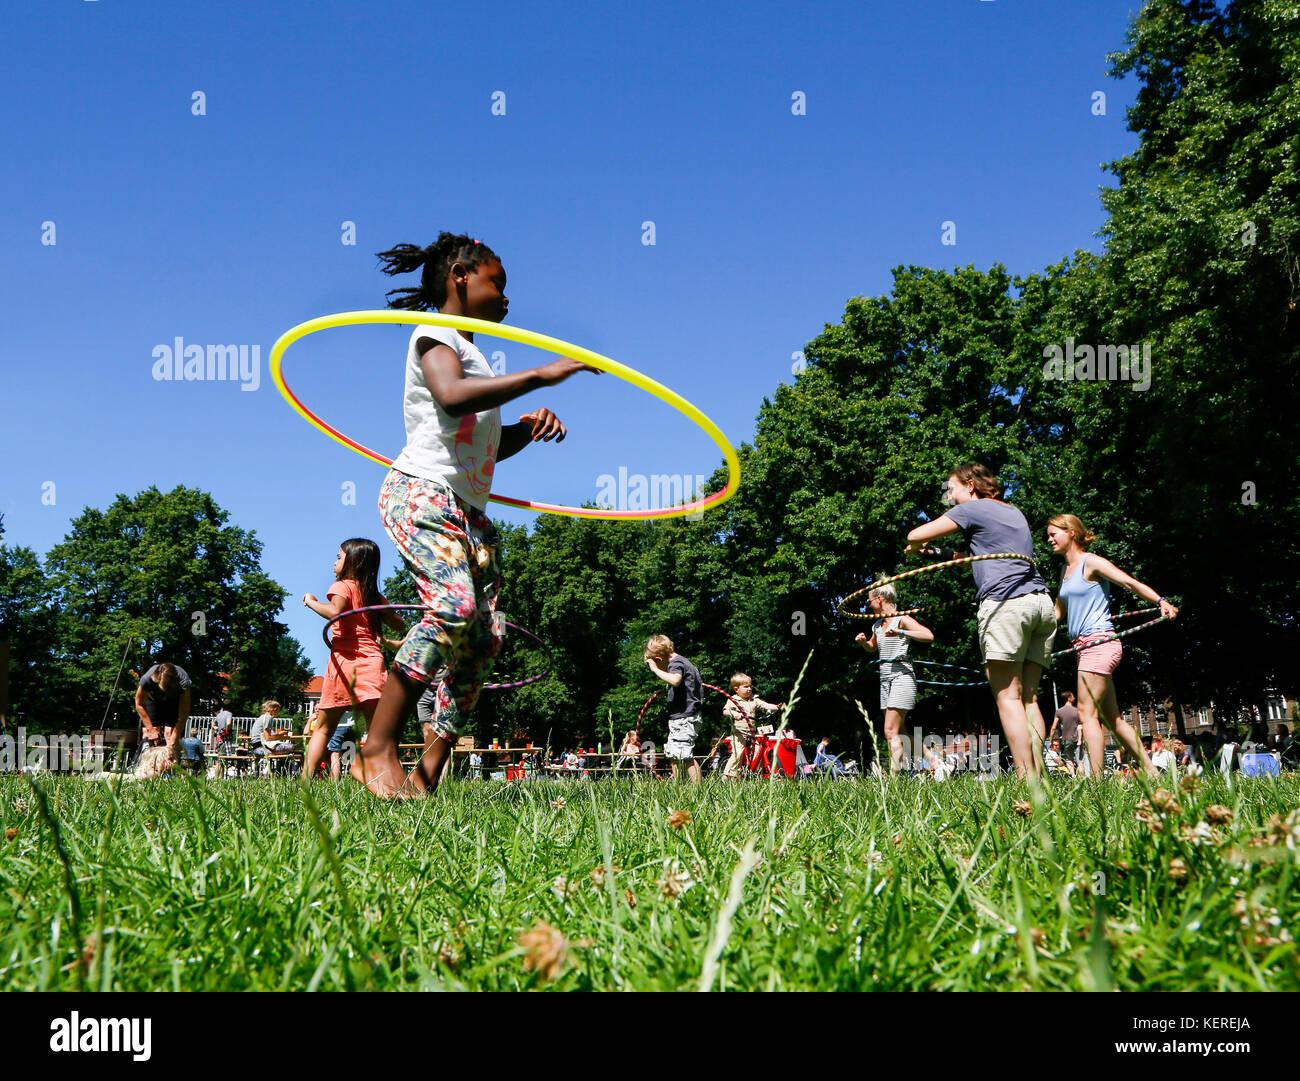 Utrecht: die Nachbarschaft Campingplatz in der majellapark. trundle ein Hoop. Stockbild